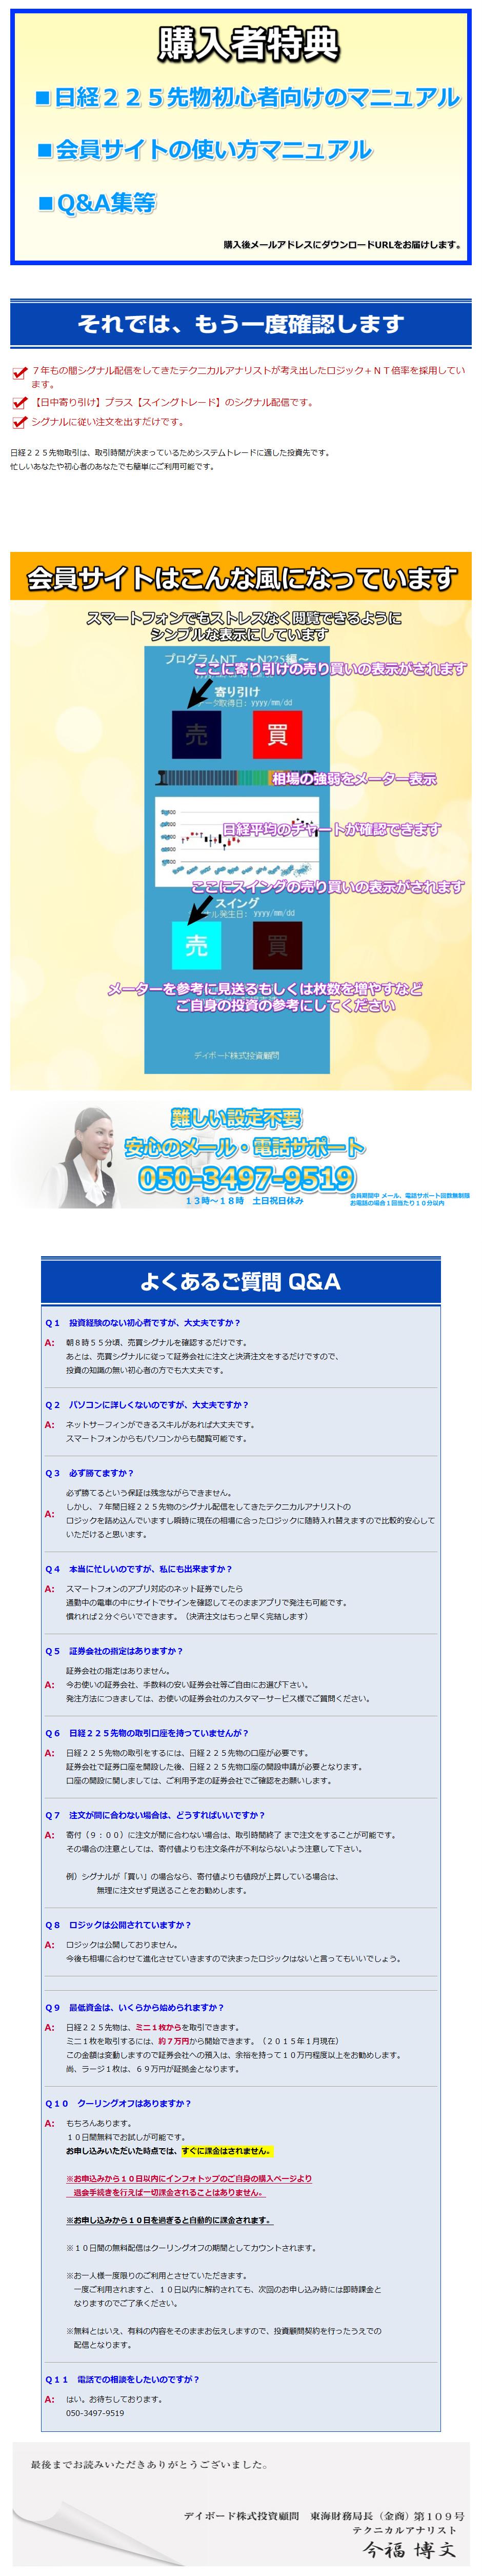 日経225先物寄り引け+スイングトレード【投資助言商品】3